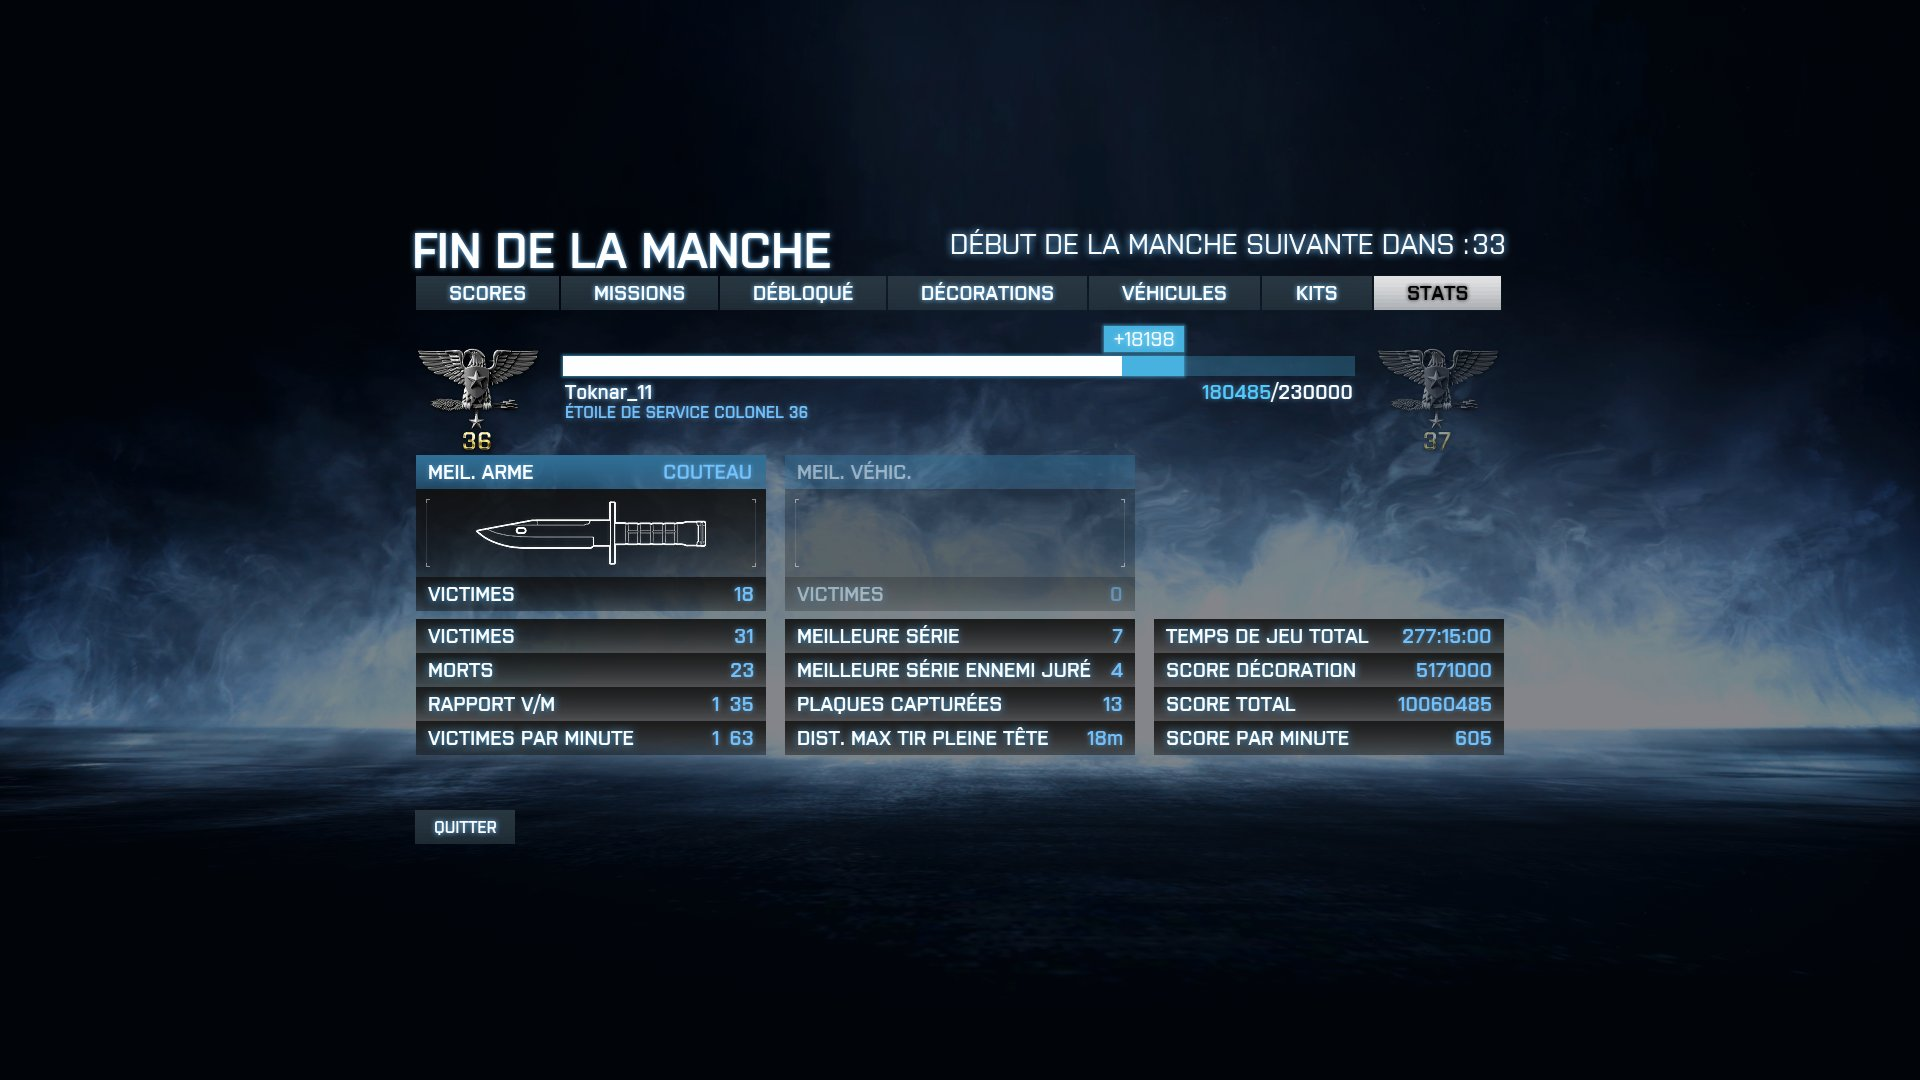 Battlefield - Page 2 96da3cdb-c77a-425a-b46c-12ac57549169